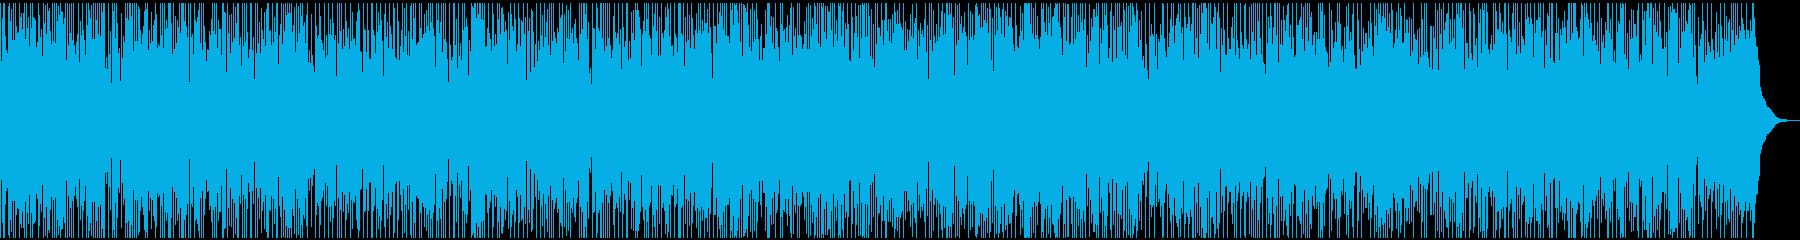 和やかで優しい雰囲気のカントリー風BGMの再生済みの波形